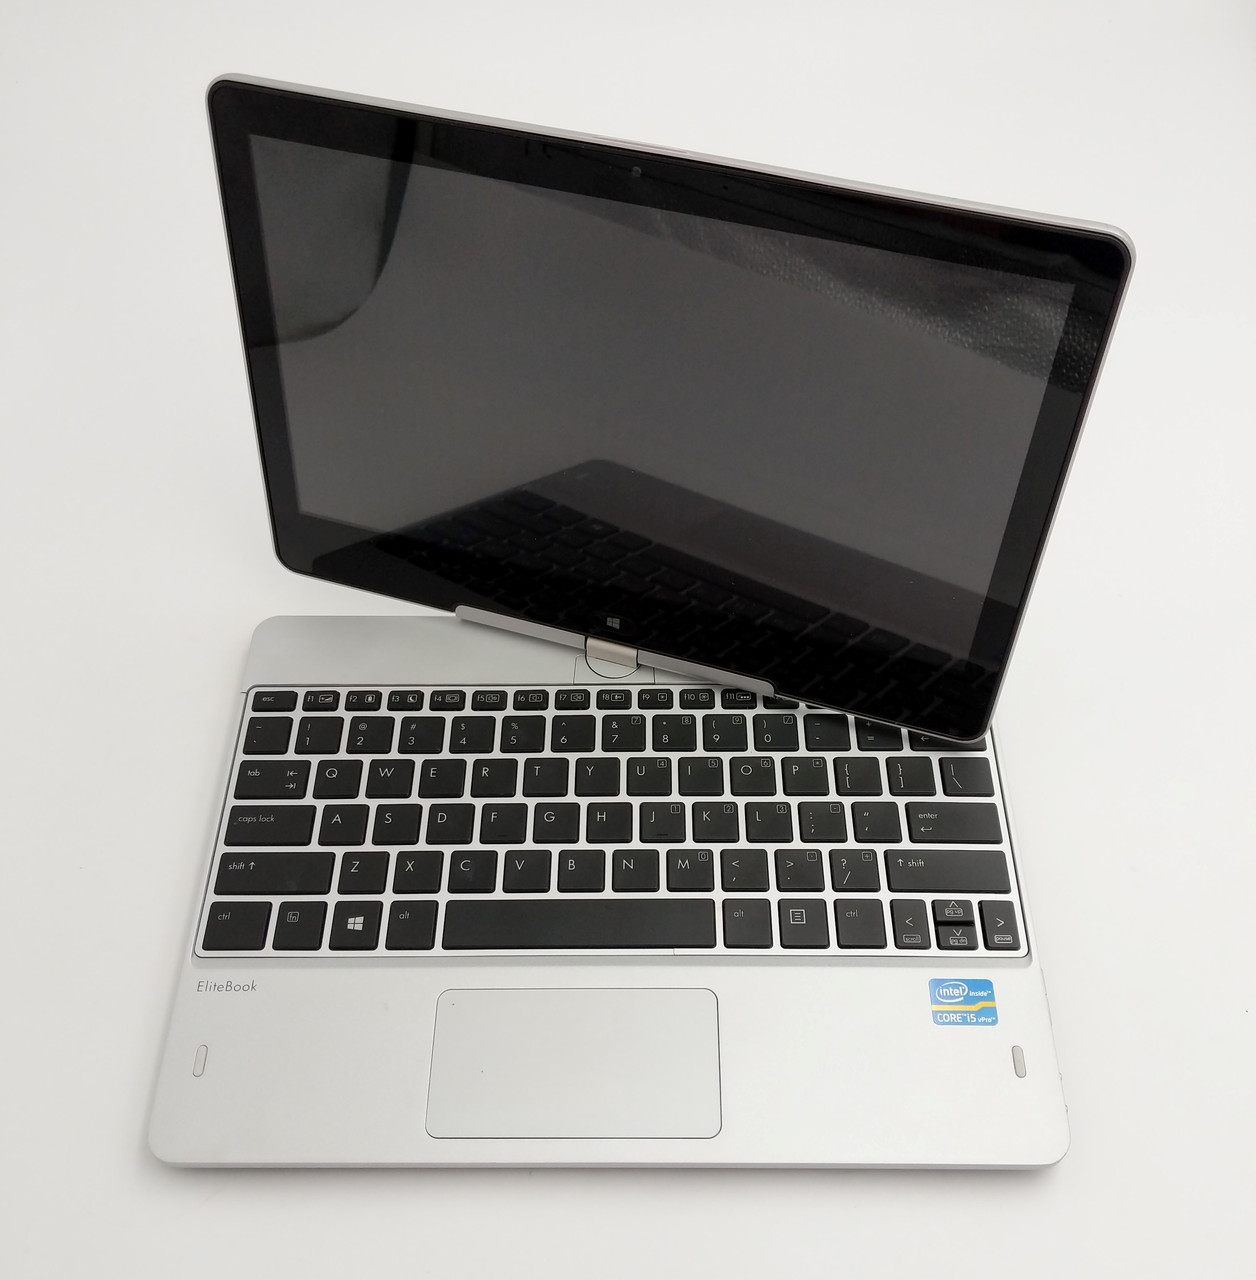 Б/У HP Elitebook Revolve 810 G1 11,6″  i5-3437U /DDR3 8 Gb /SSD Нет в наличии 3